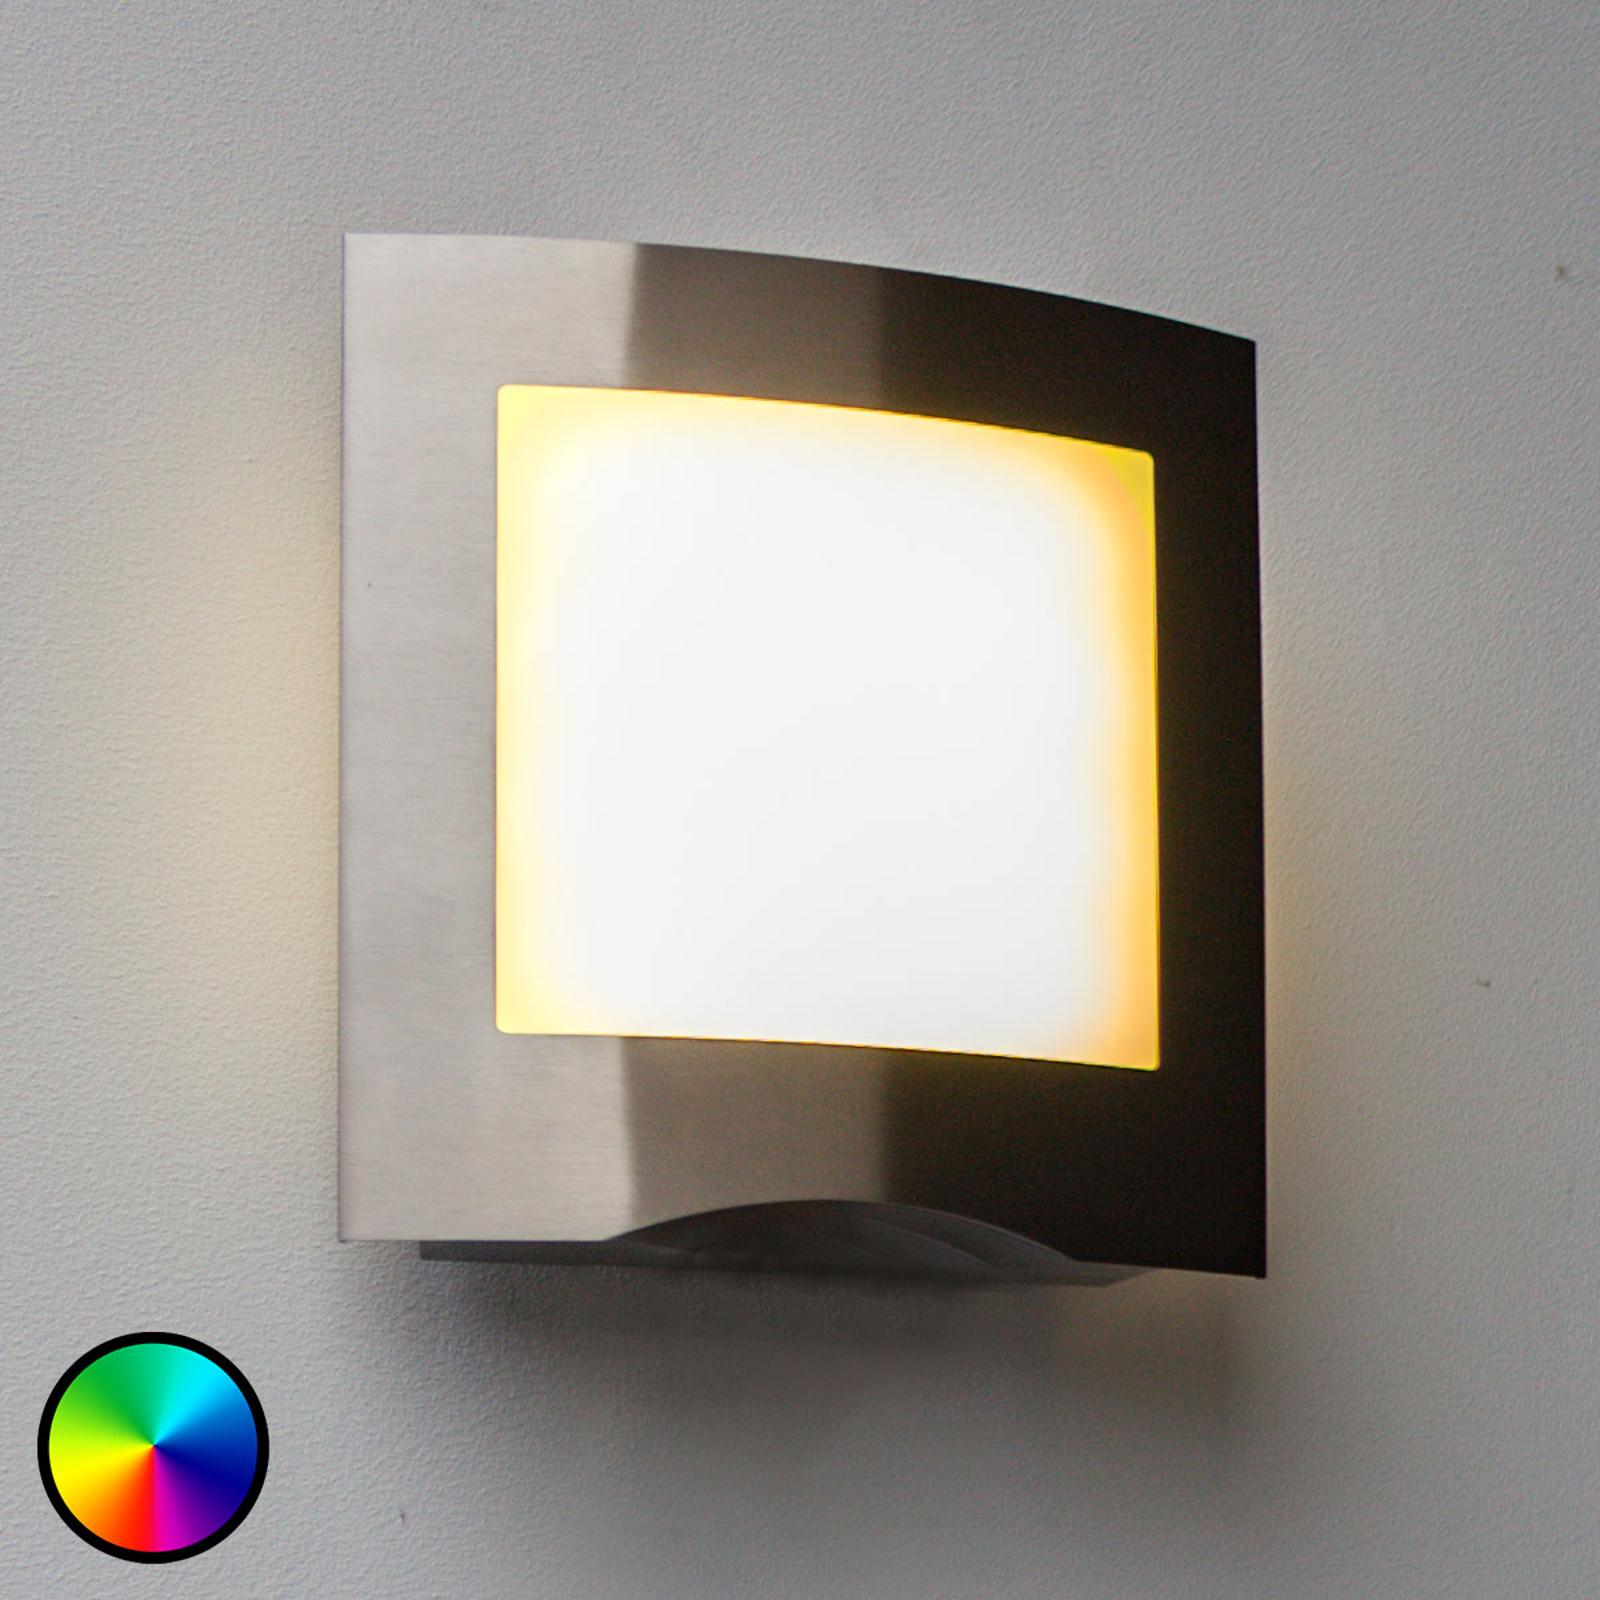 WiZ kinkiet zewnętrzny LED Farell stal nierdzewna